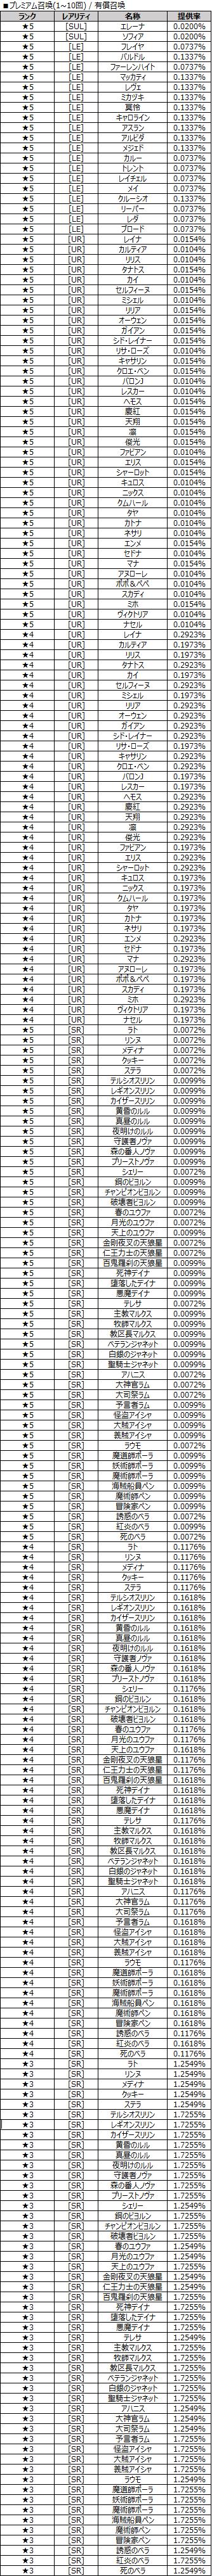 プレミアム召喚(1~10回)